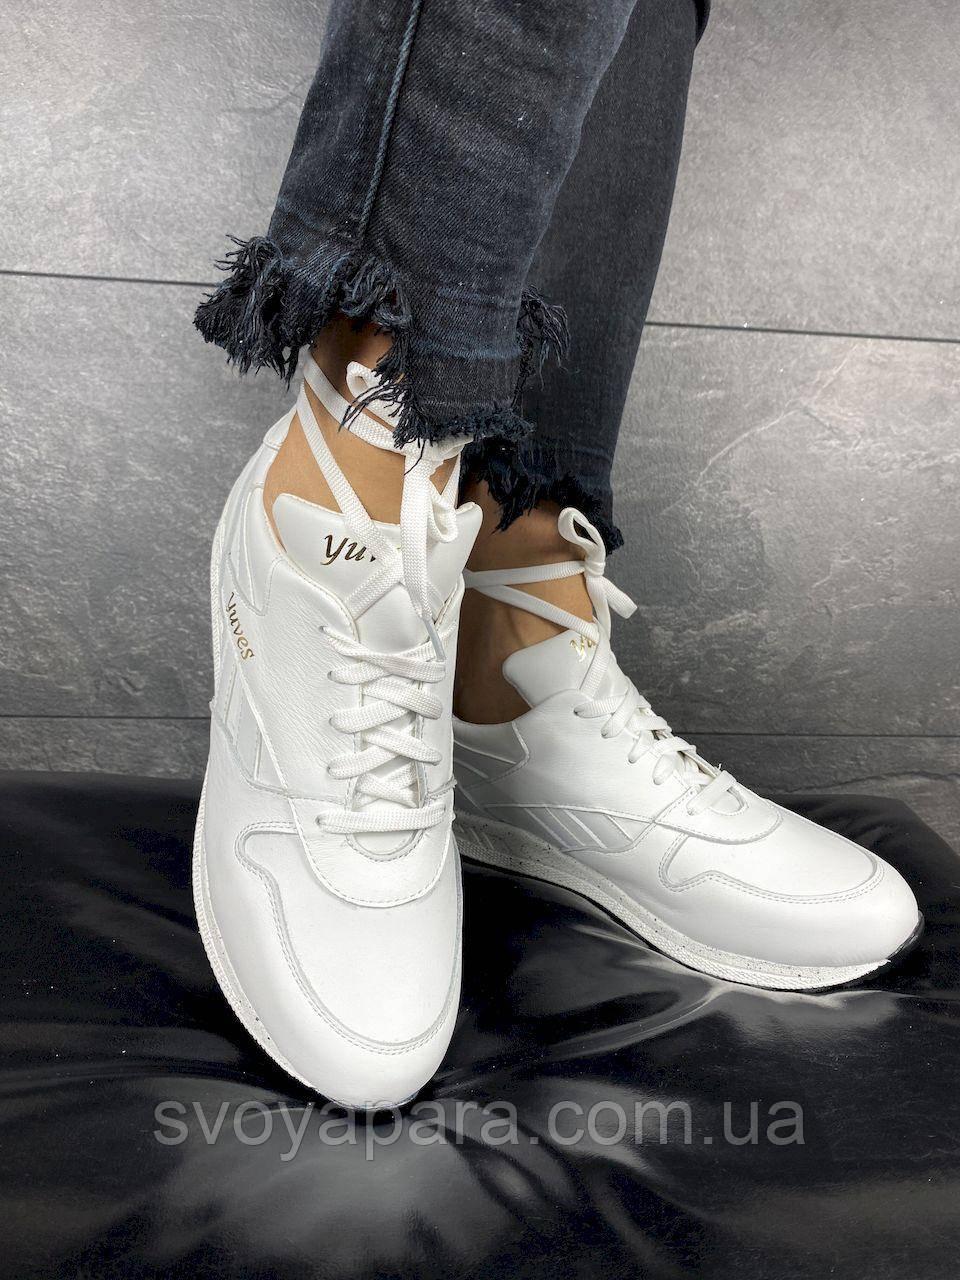 Женские кроссовки кожаные весна/осень белые Yuves R 250